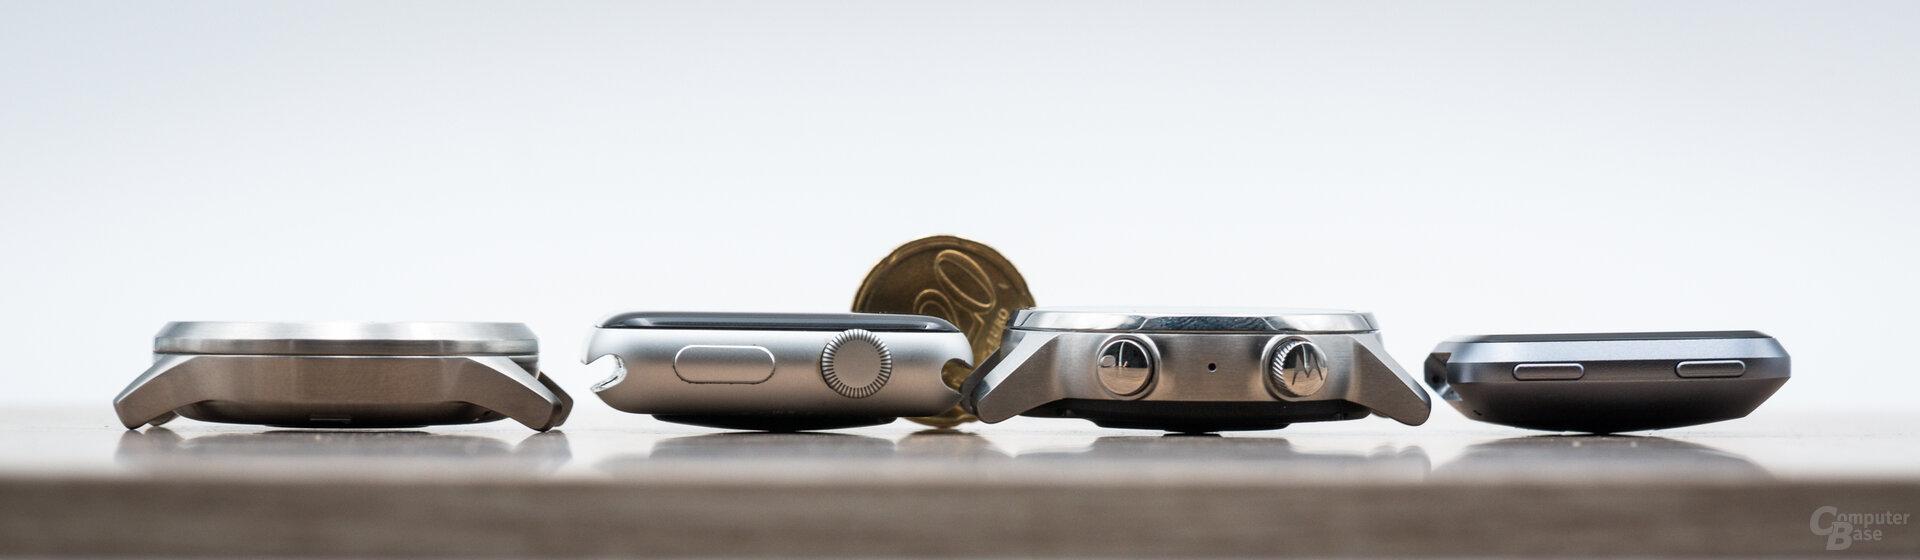 Motorola Moto 360 im Test: Größenvergleich Garmin Vívomove HR, Apple Watch 3, Moto 360, Fitbit Versa